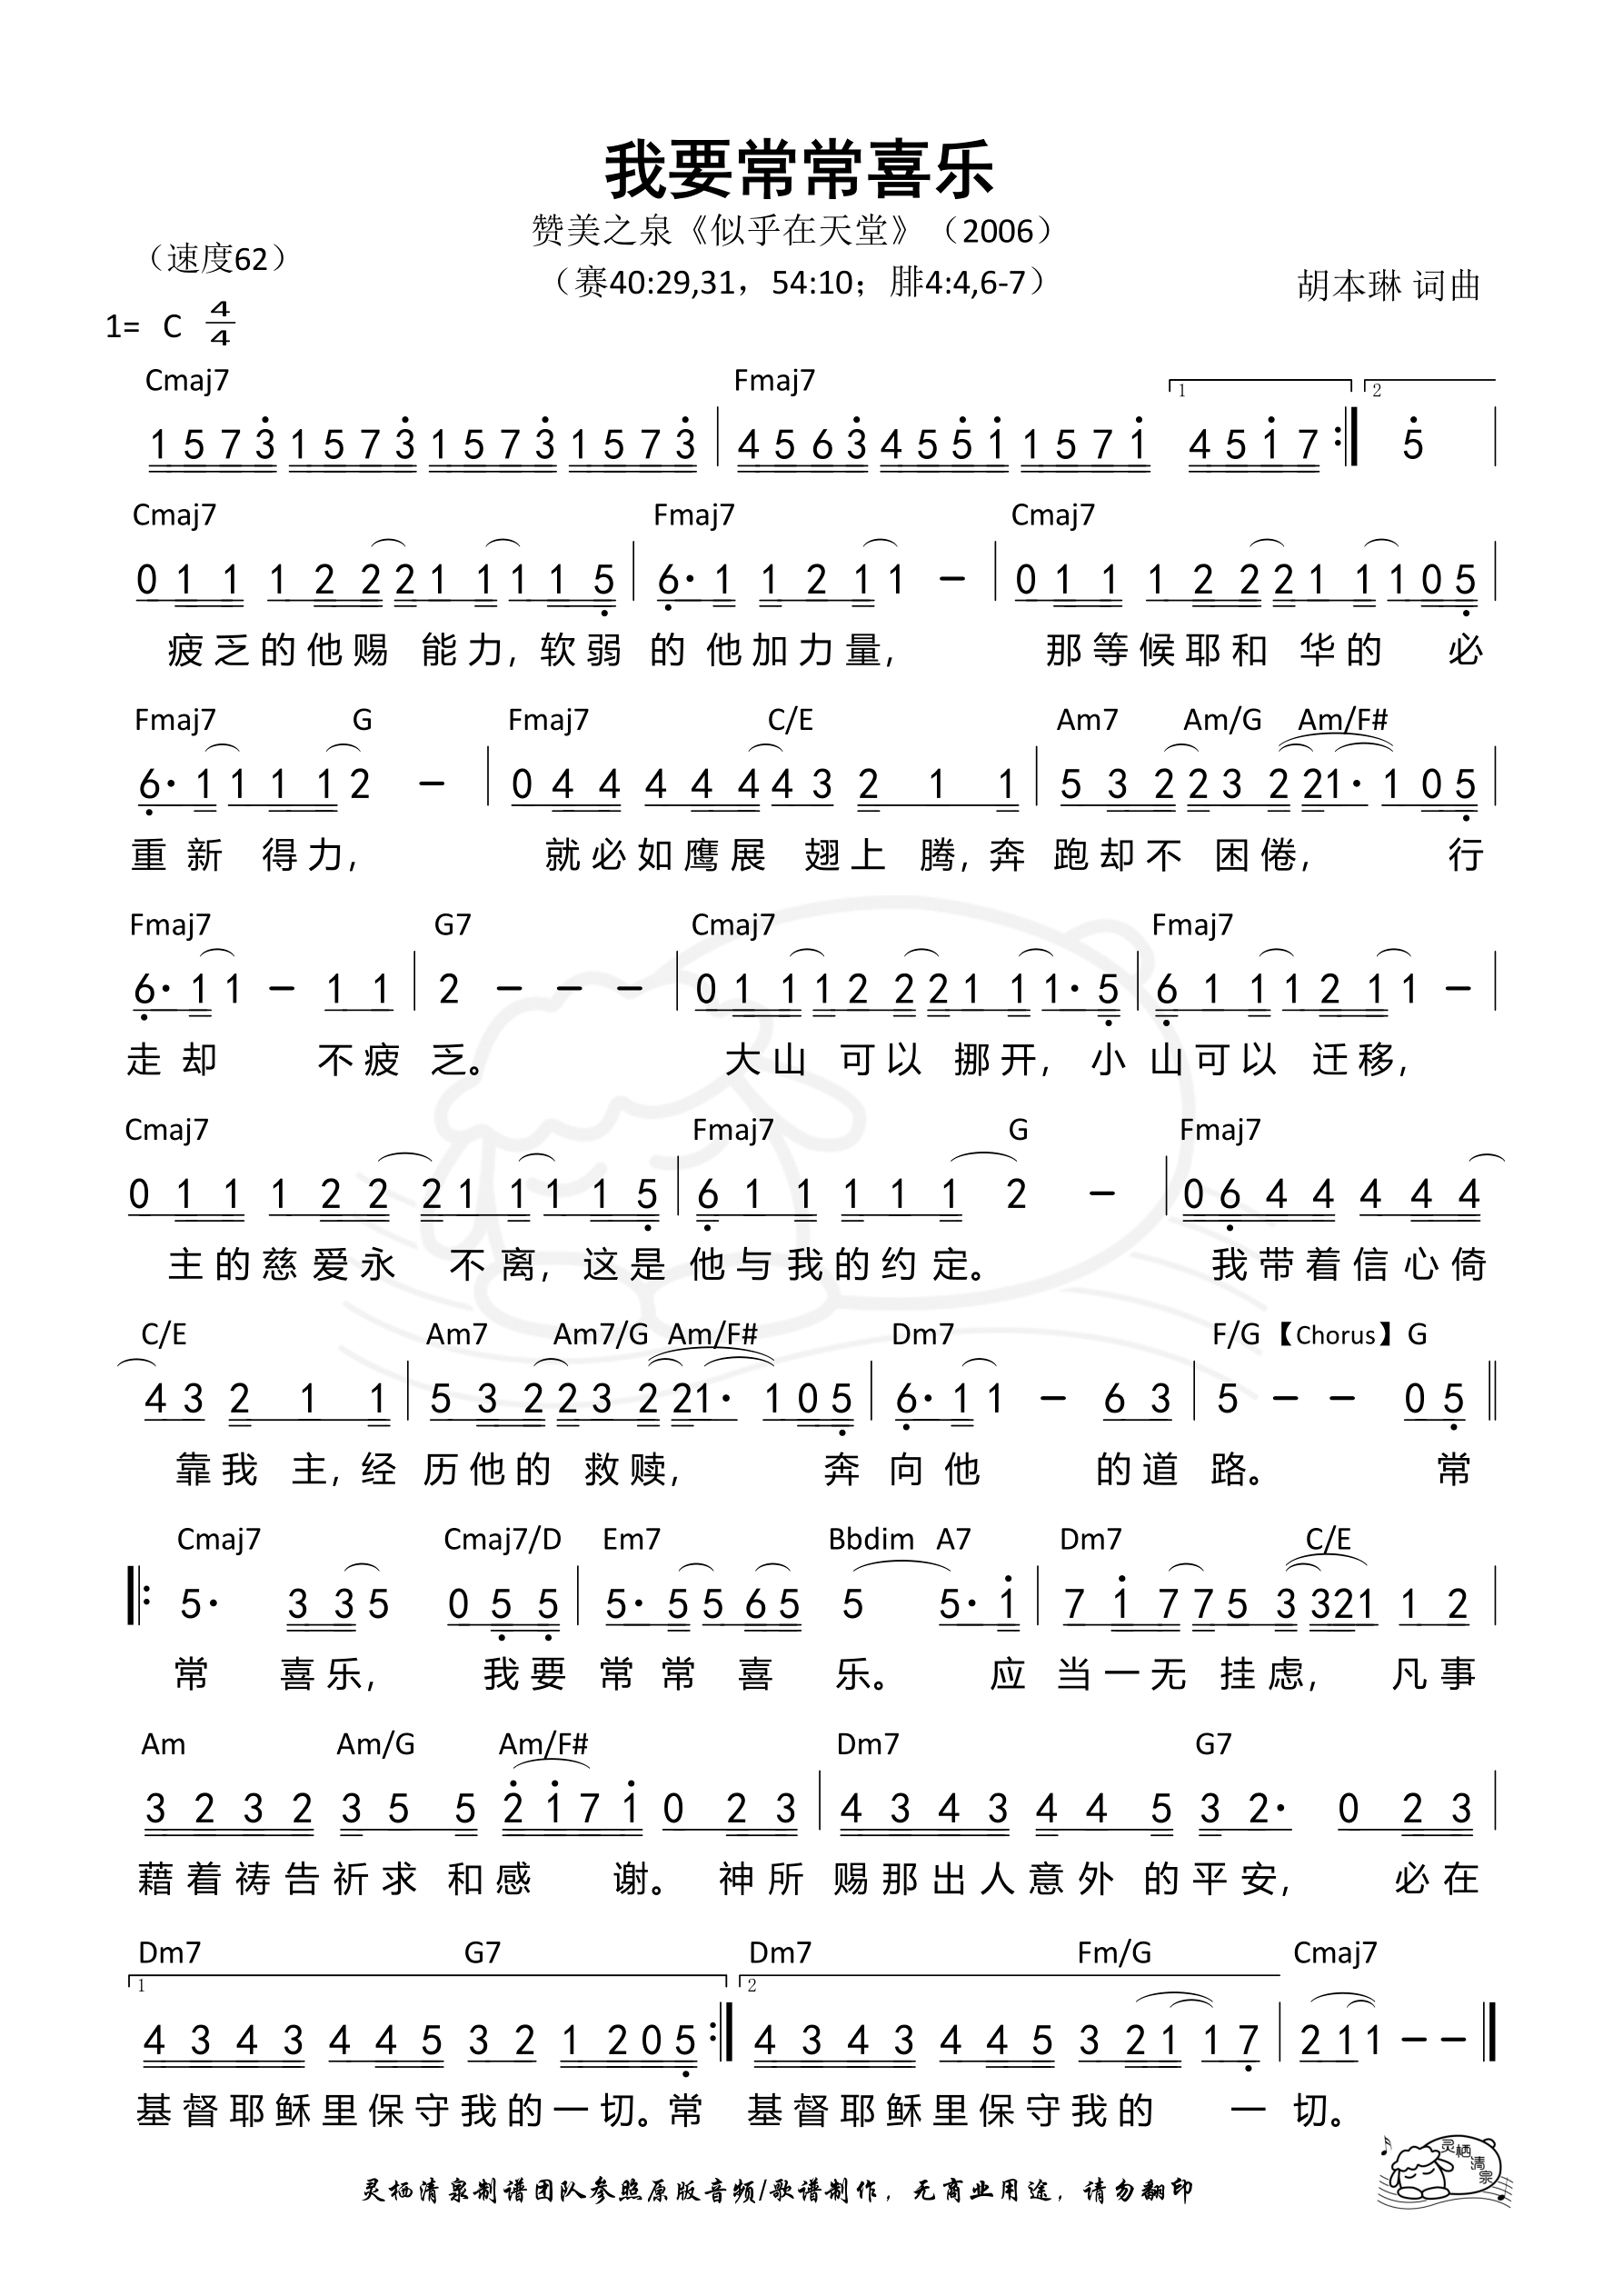 《第145首 - 我要常常喜乐 和弦简谱》